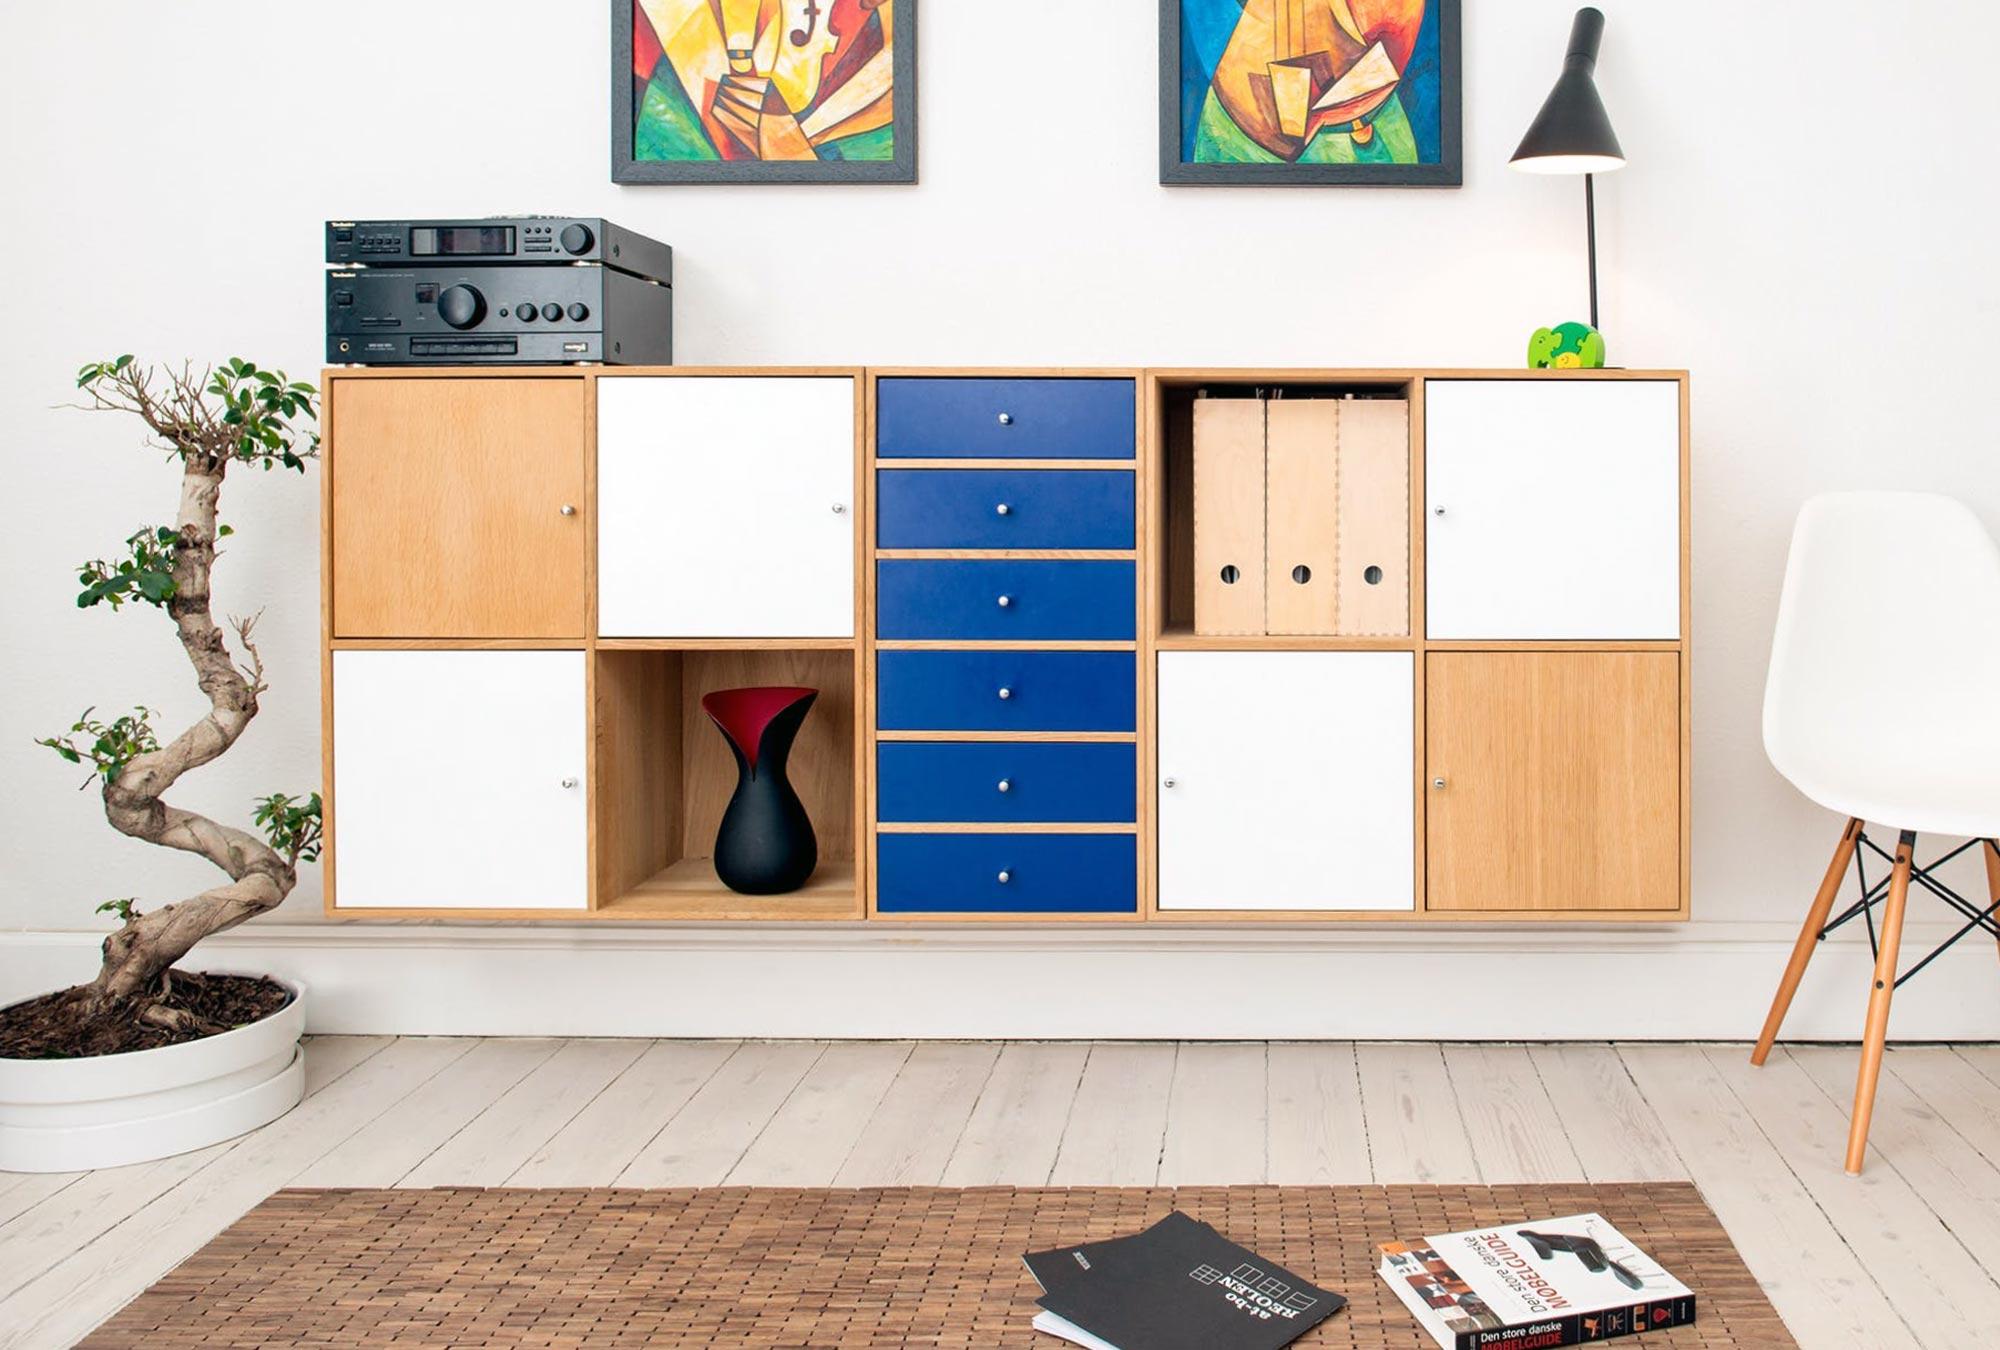 Gambe Per Mobili Ikea 5 brand da considerare assolutamente se vuoi rendere unici i